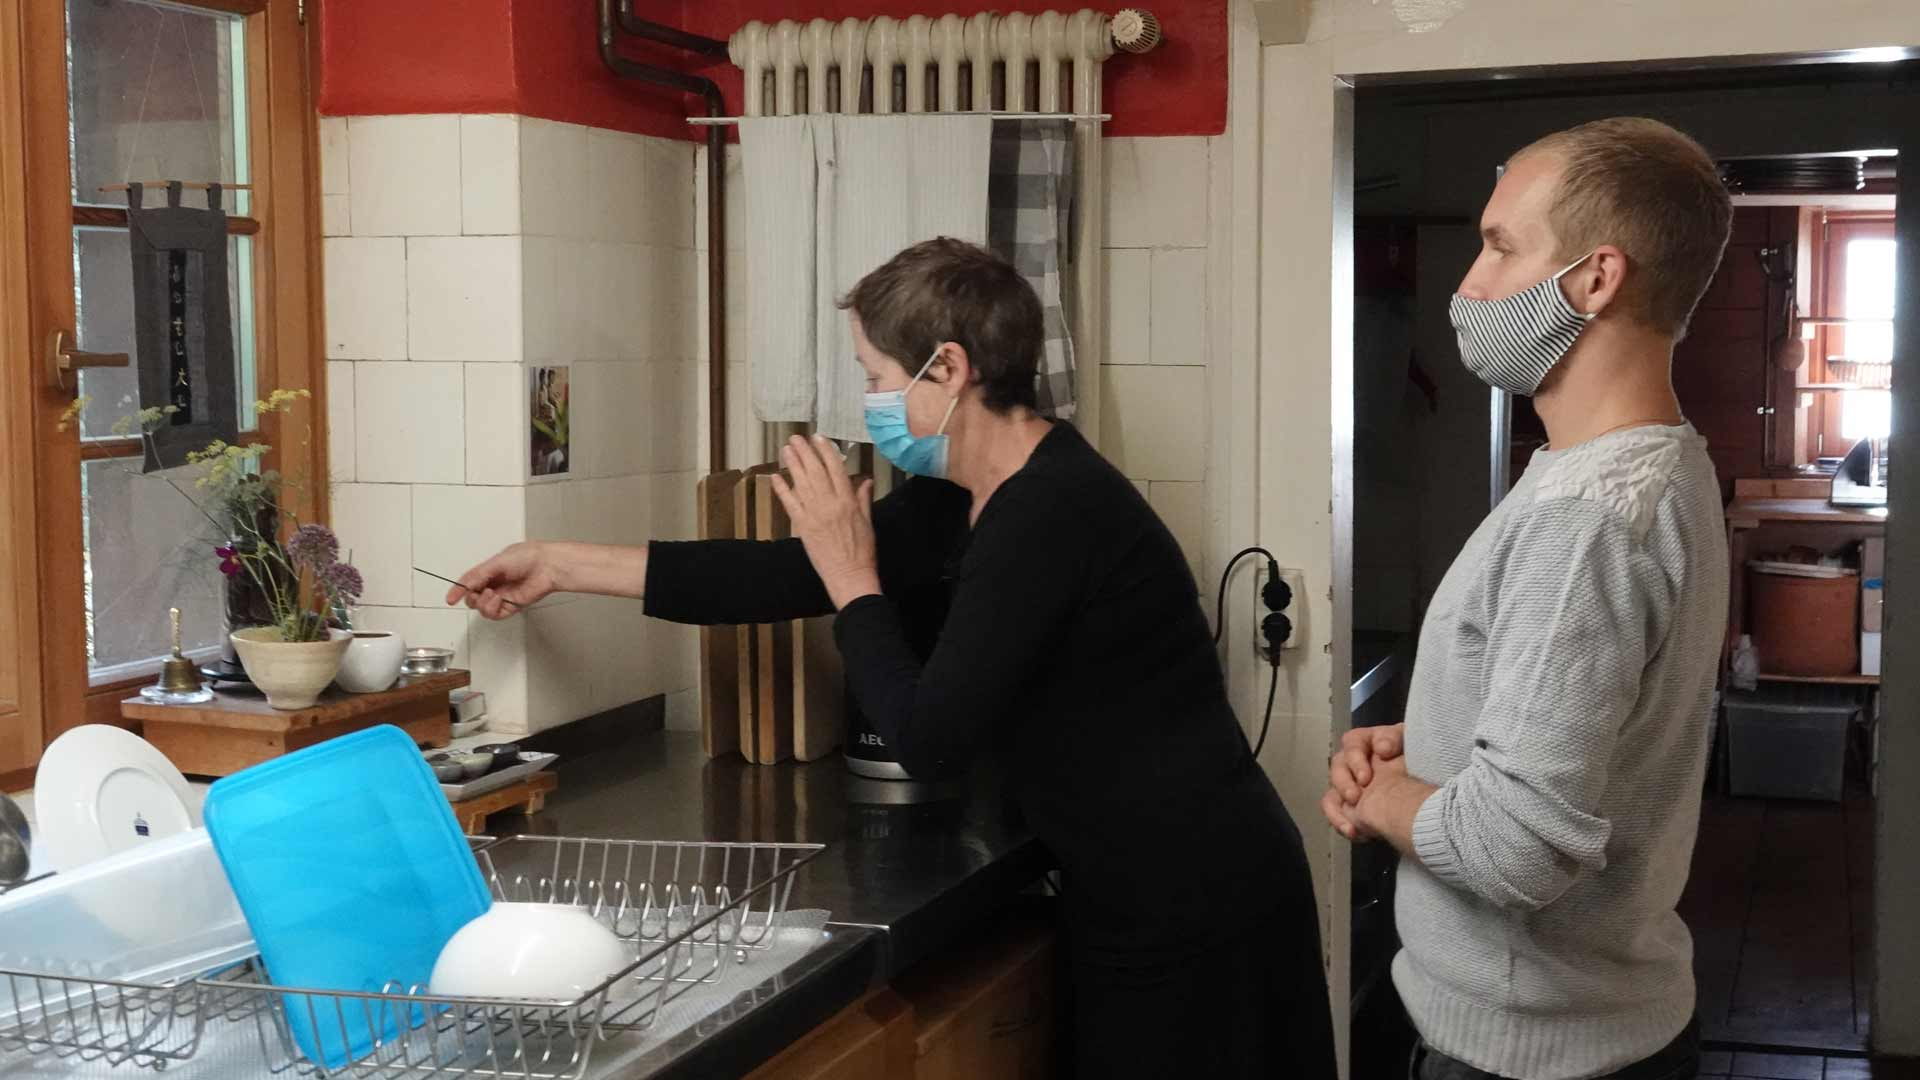 Küchenteam-Erlebnisse rund um den Arbeitstisch